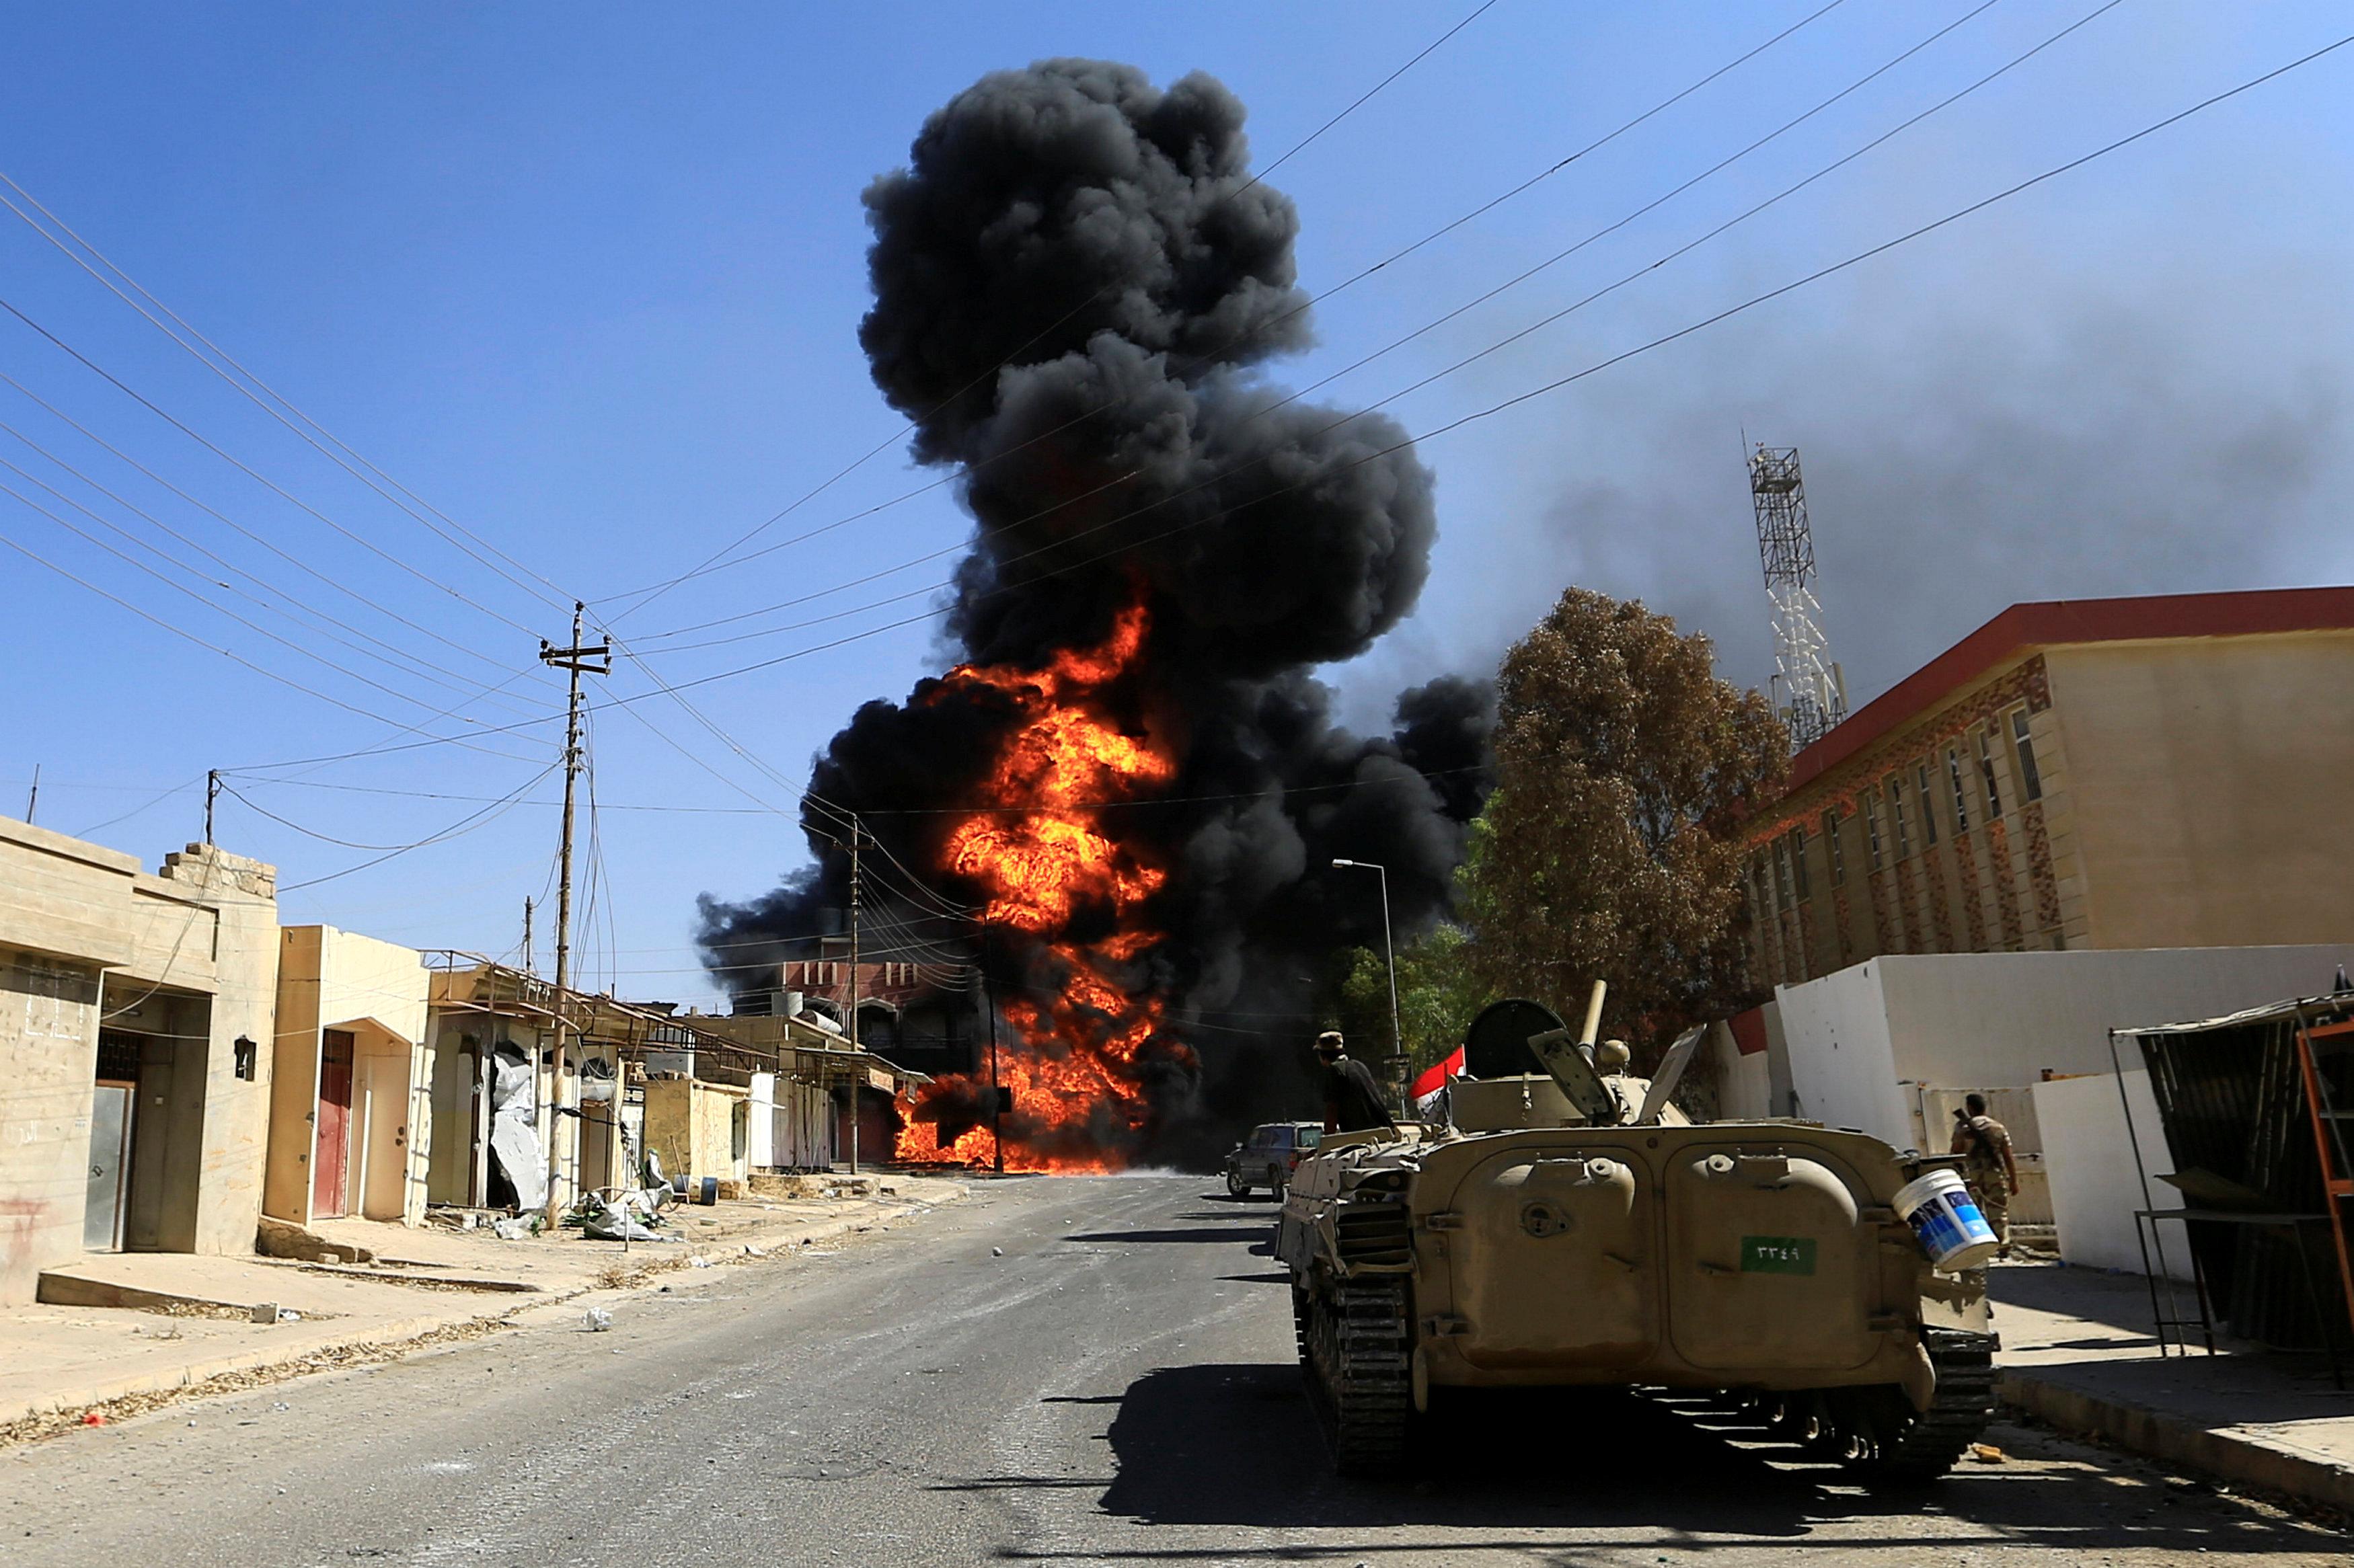 صورة رويترز: الجيش العراقي يعلن استعادة وسط مدينة تلعفر من تنظيم داعش